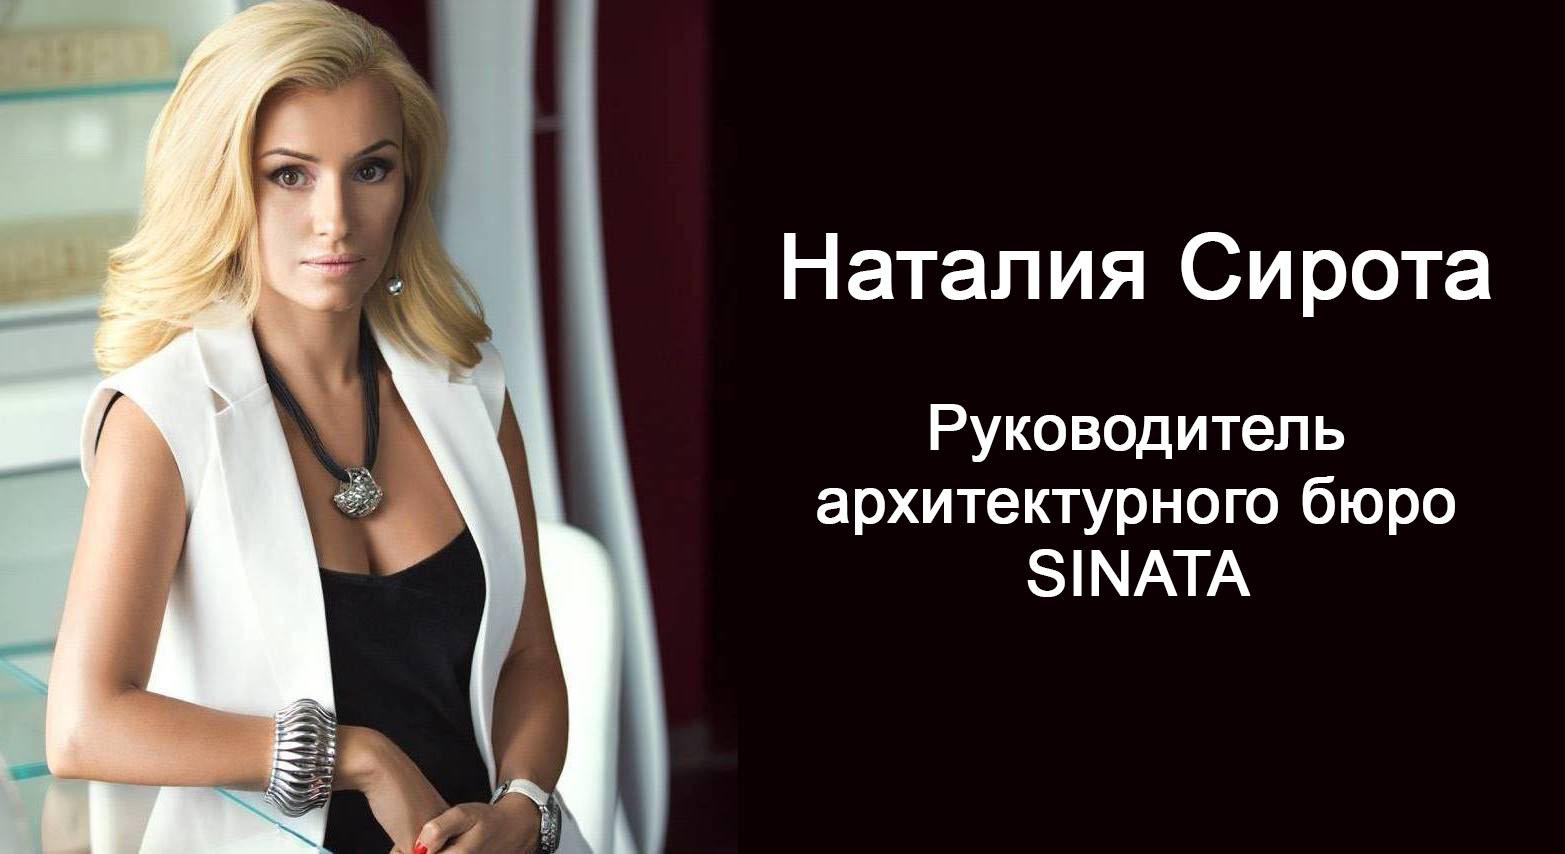 Інтерв'ю Наталії Сироти (архітектурне бюро SINATA) бренду DAVIS CASA. Частина 1